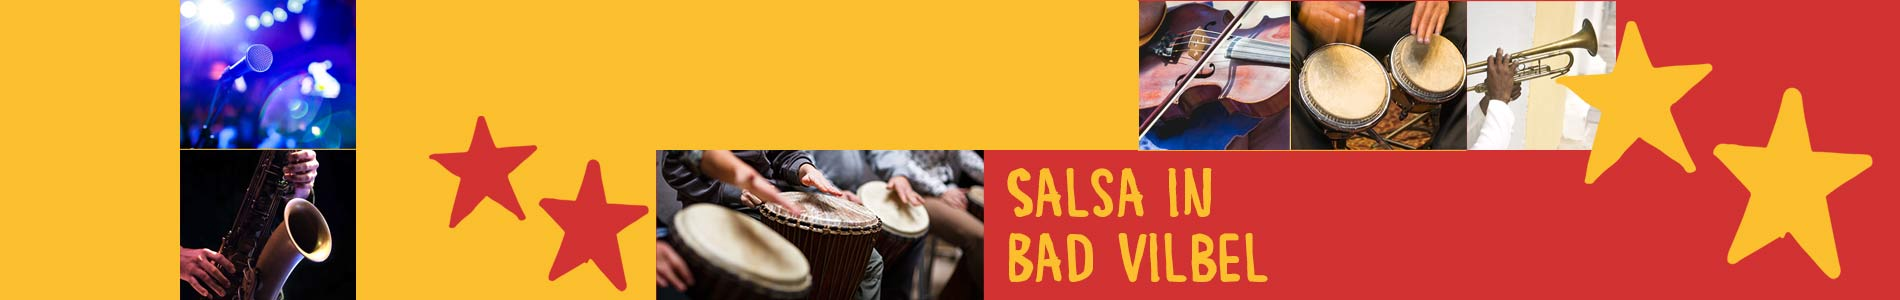 Salsa in Bad Vilbel – Salsa lernen und tanzen, Tanzkurse, Partys, Veranstaltungen